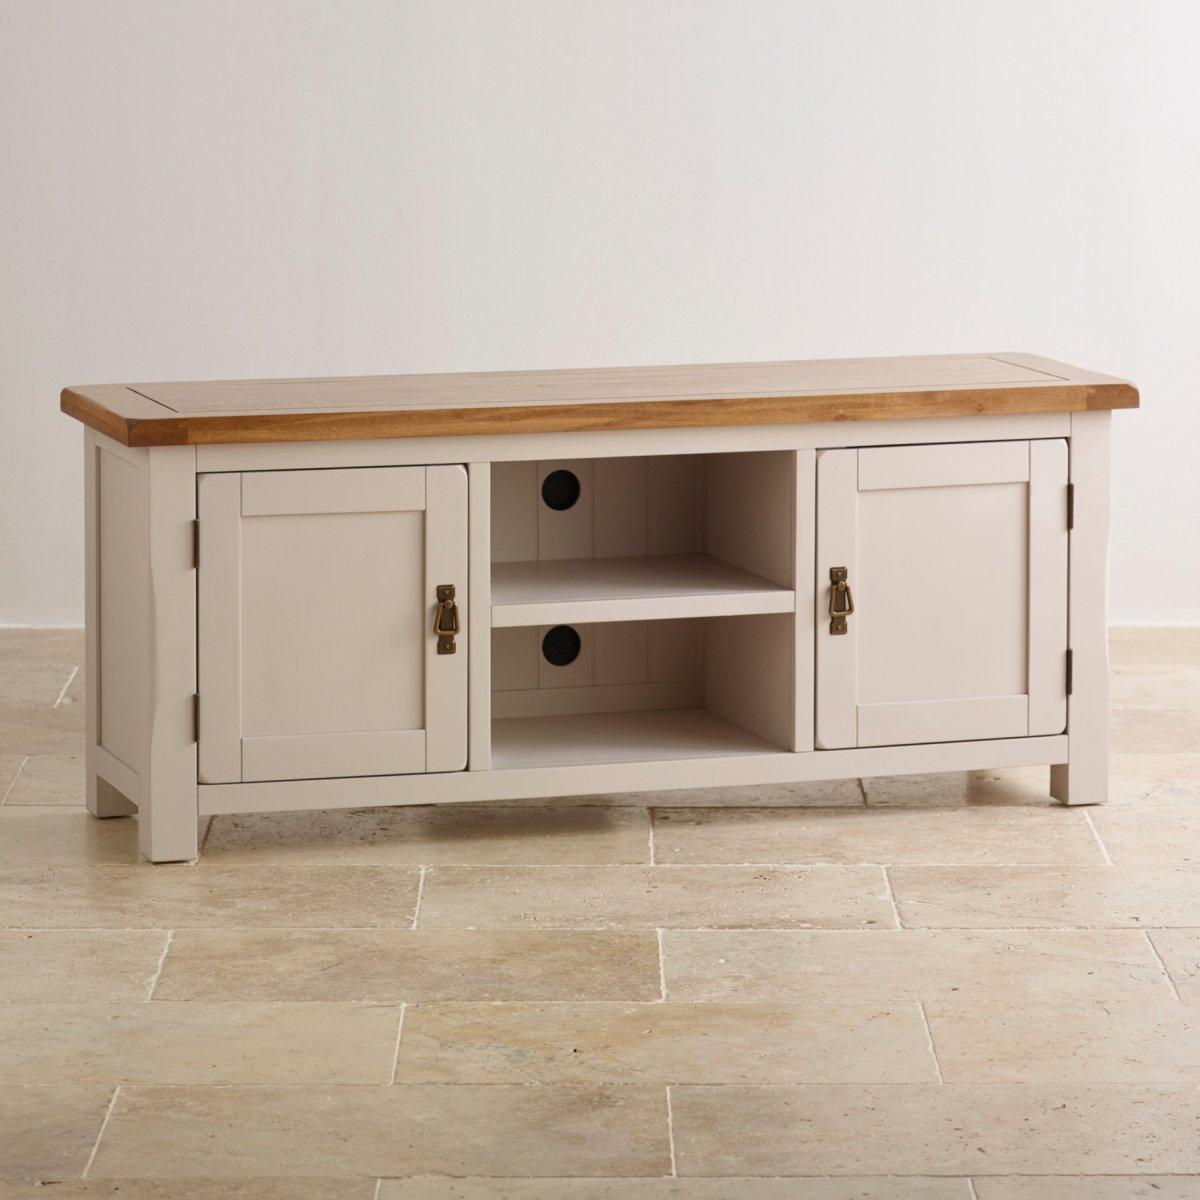 kemble widescreen tv cabinet in solid oak oak furniture land. Black Bedroom Furniture Sets. Home Design Ideas